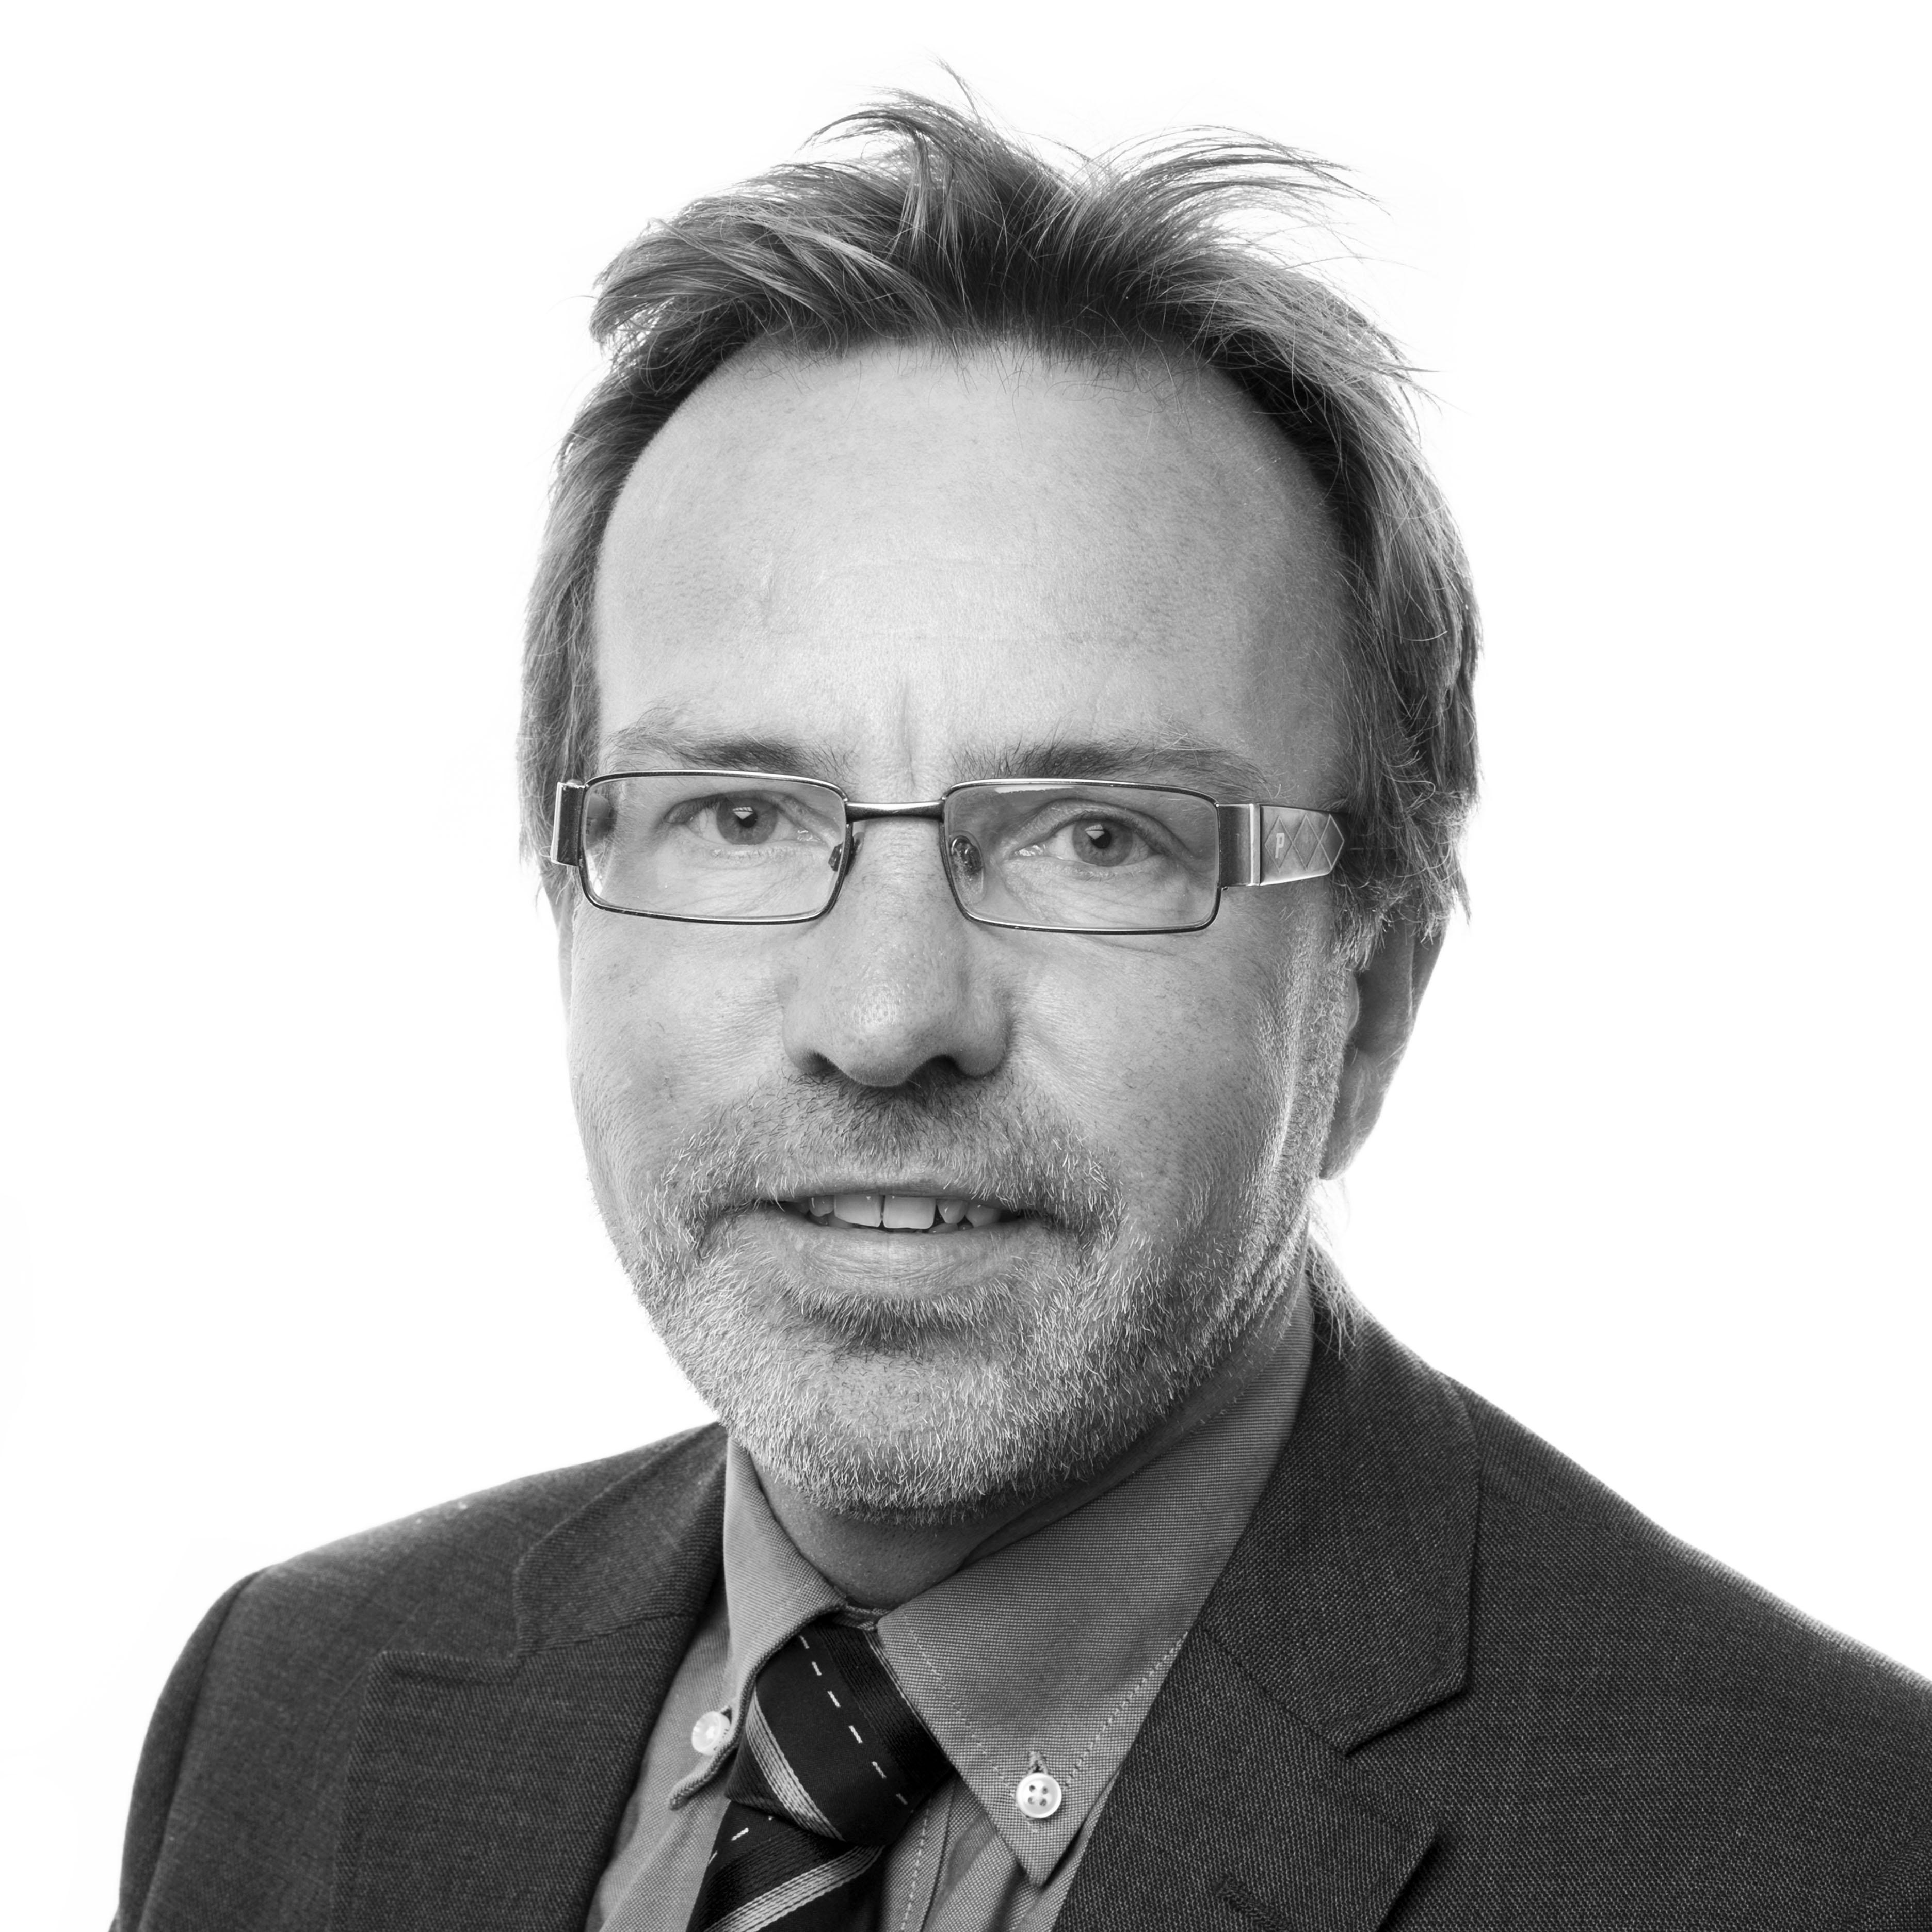 Morten Kvernvold